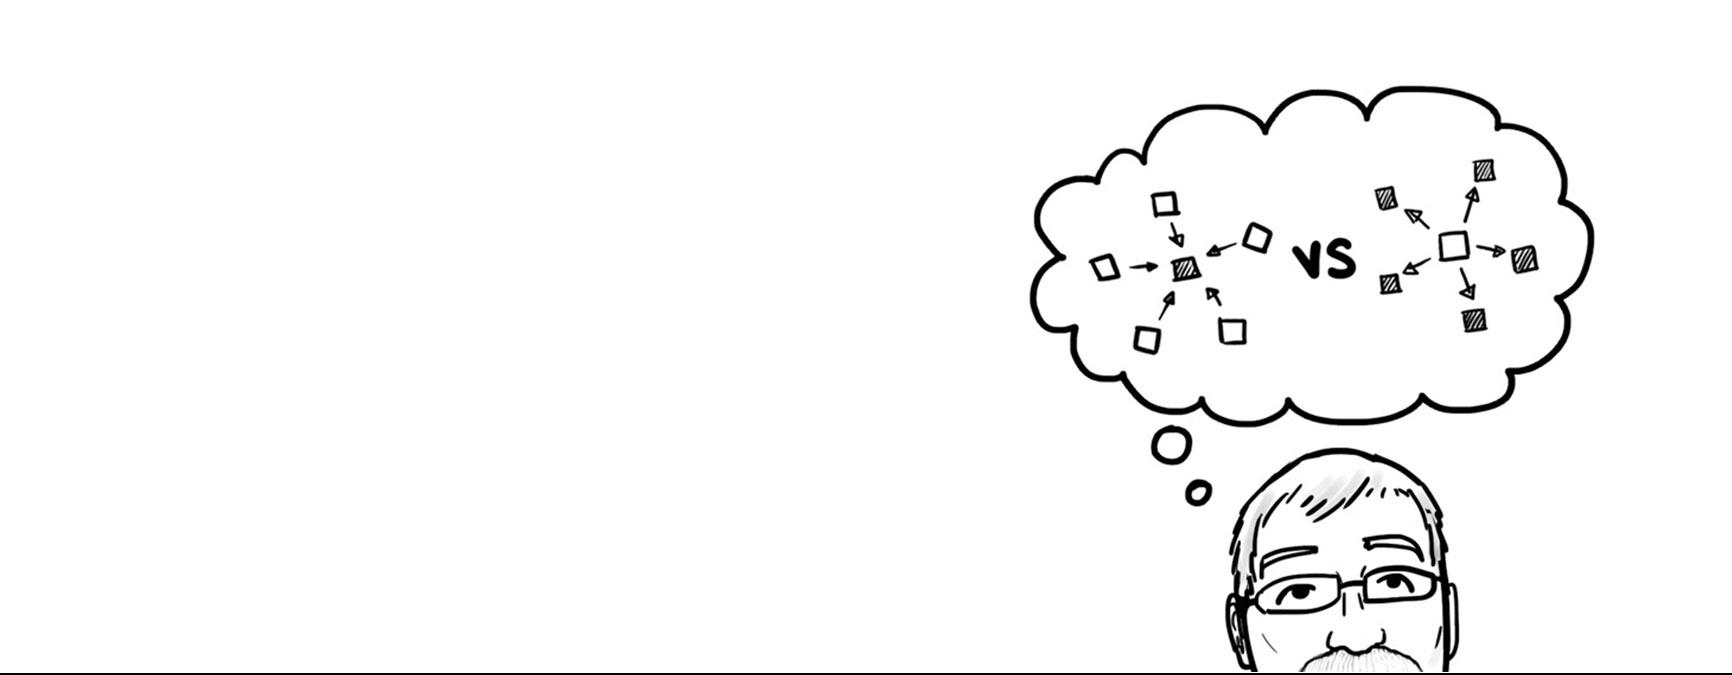 نحوه استفاده از تفکر همگرا و تفکر واگرا برای بهبود کارهایتان